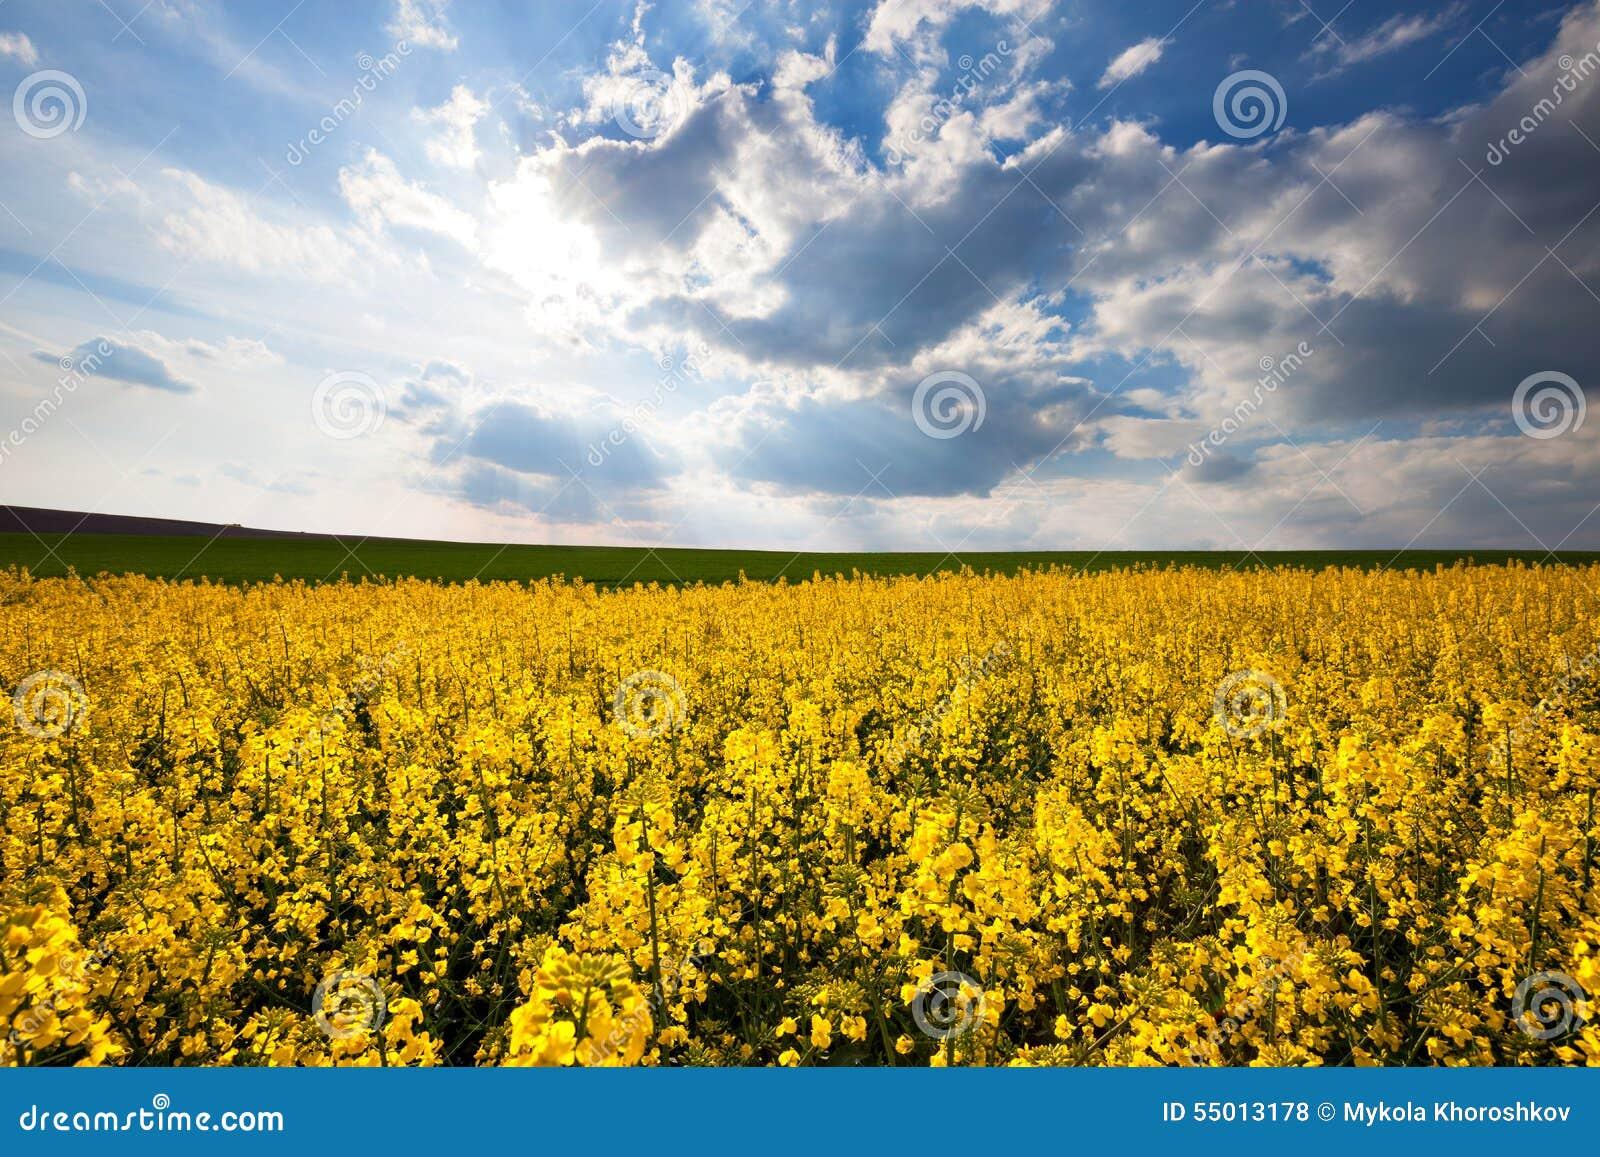 beautiful yellow field landscape - photo #27